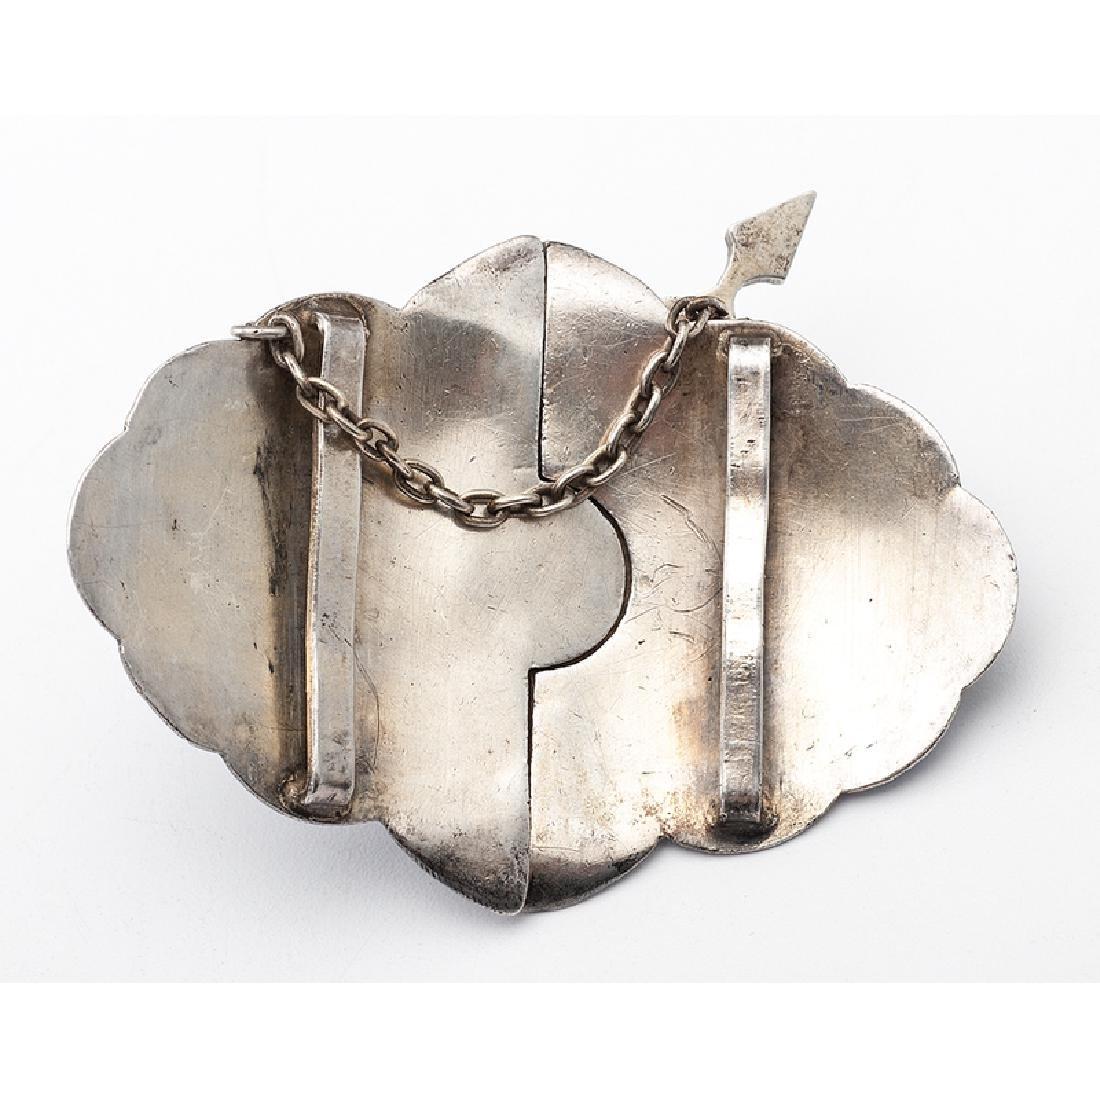 Russian Silver Enamel Belt Buckle - 3